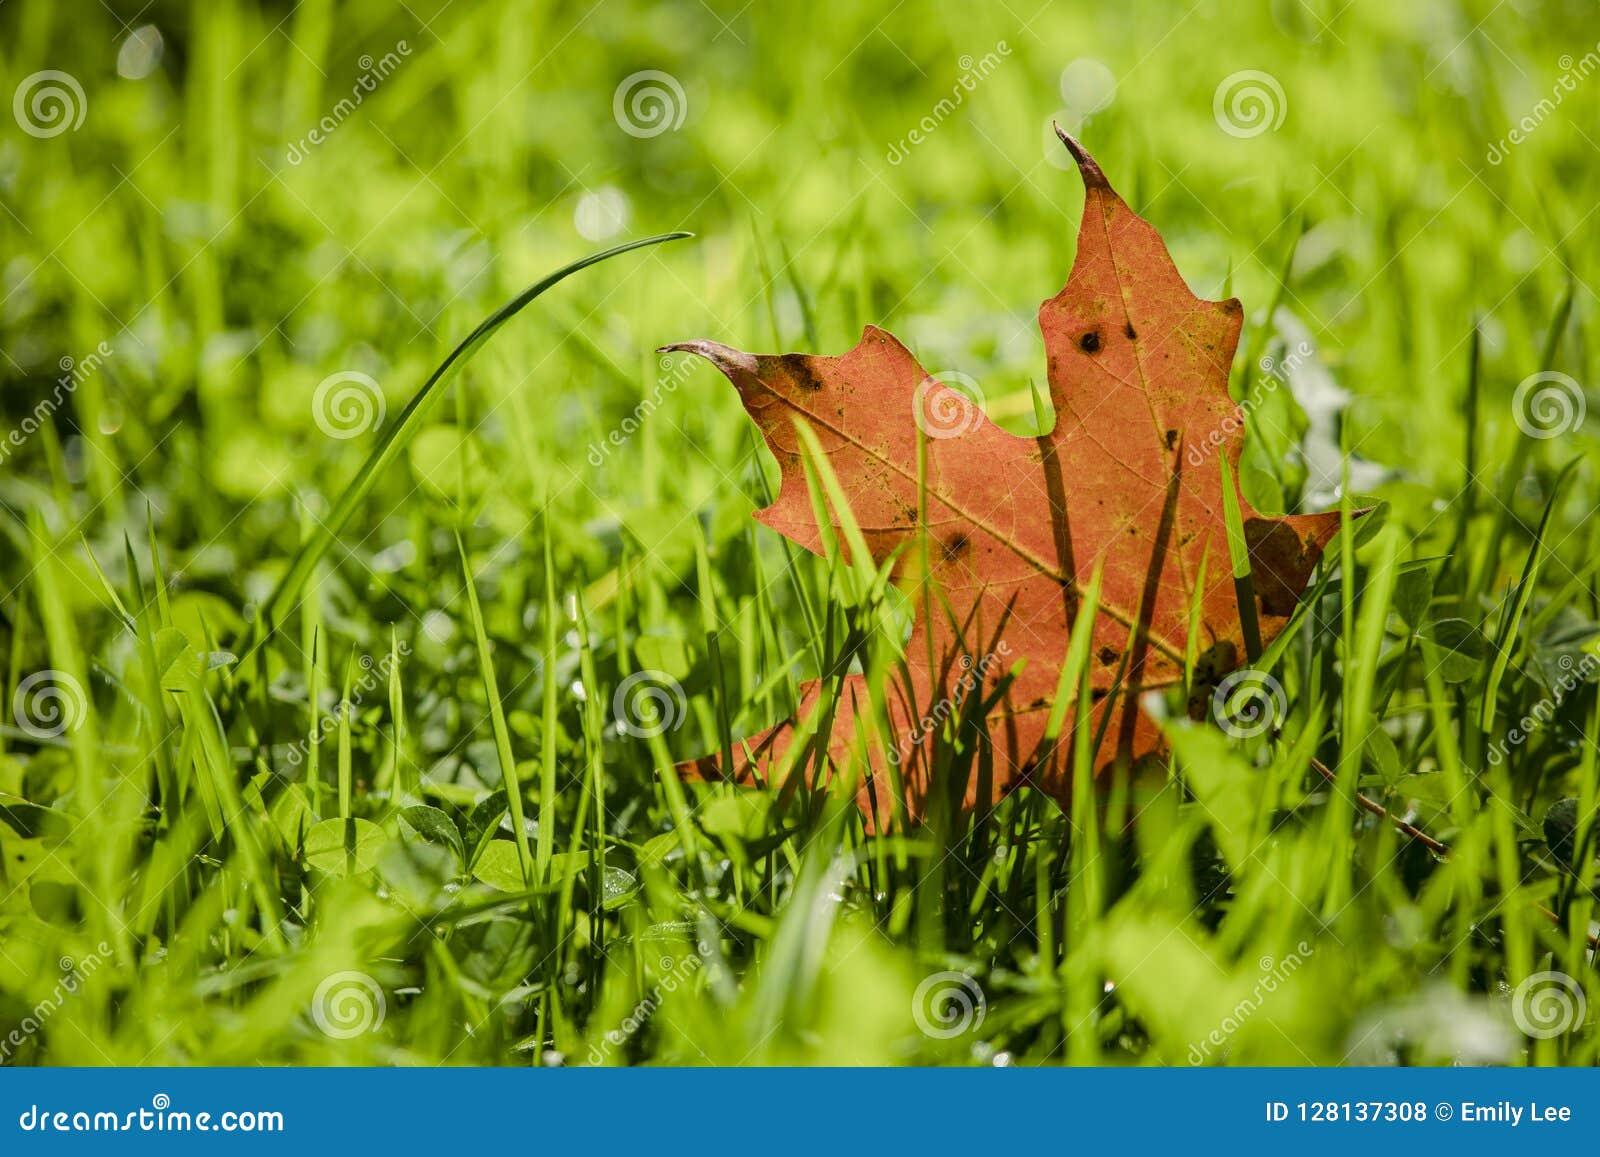 Hoja de arce en la hierba